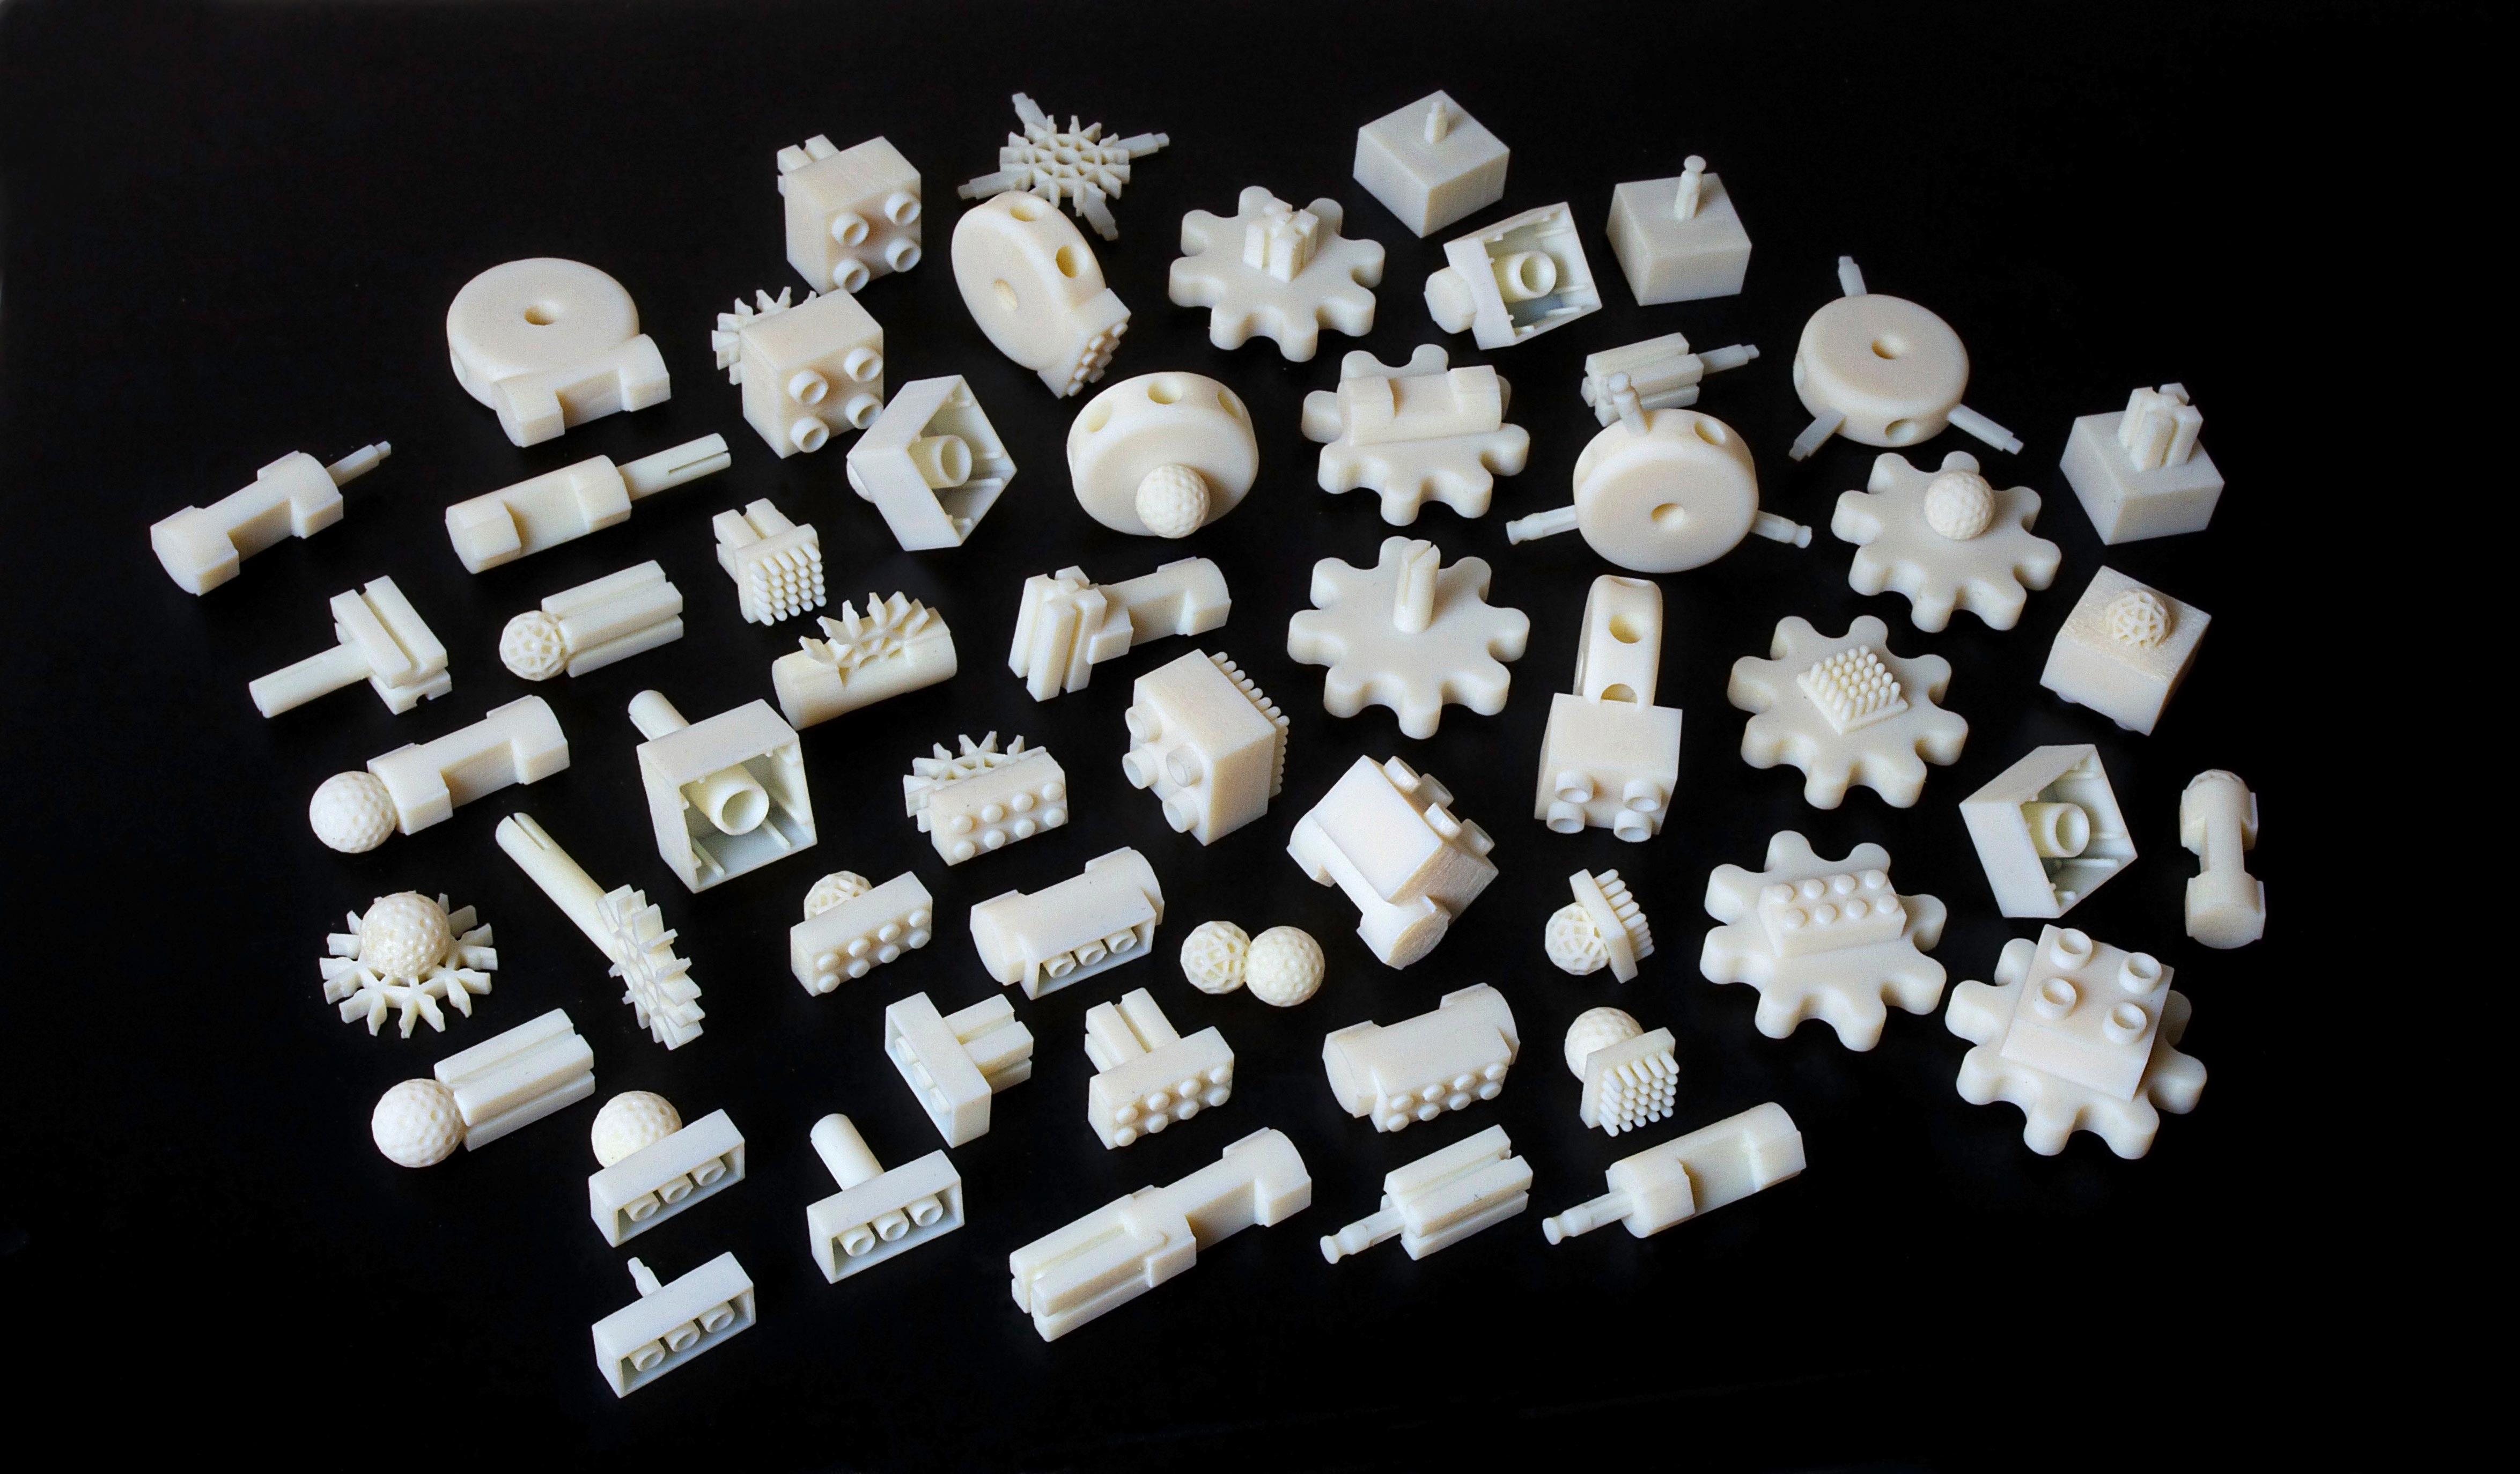 Mainan konstruksi yg bisa di print 3D untuk anak-anak...